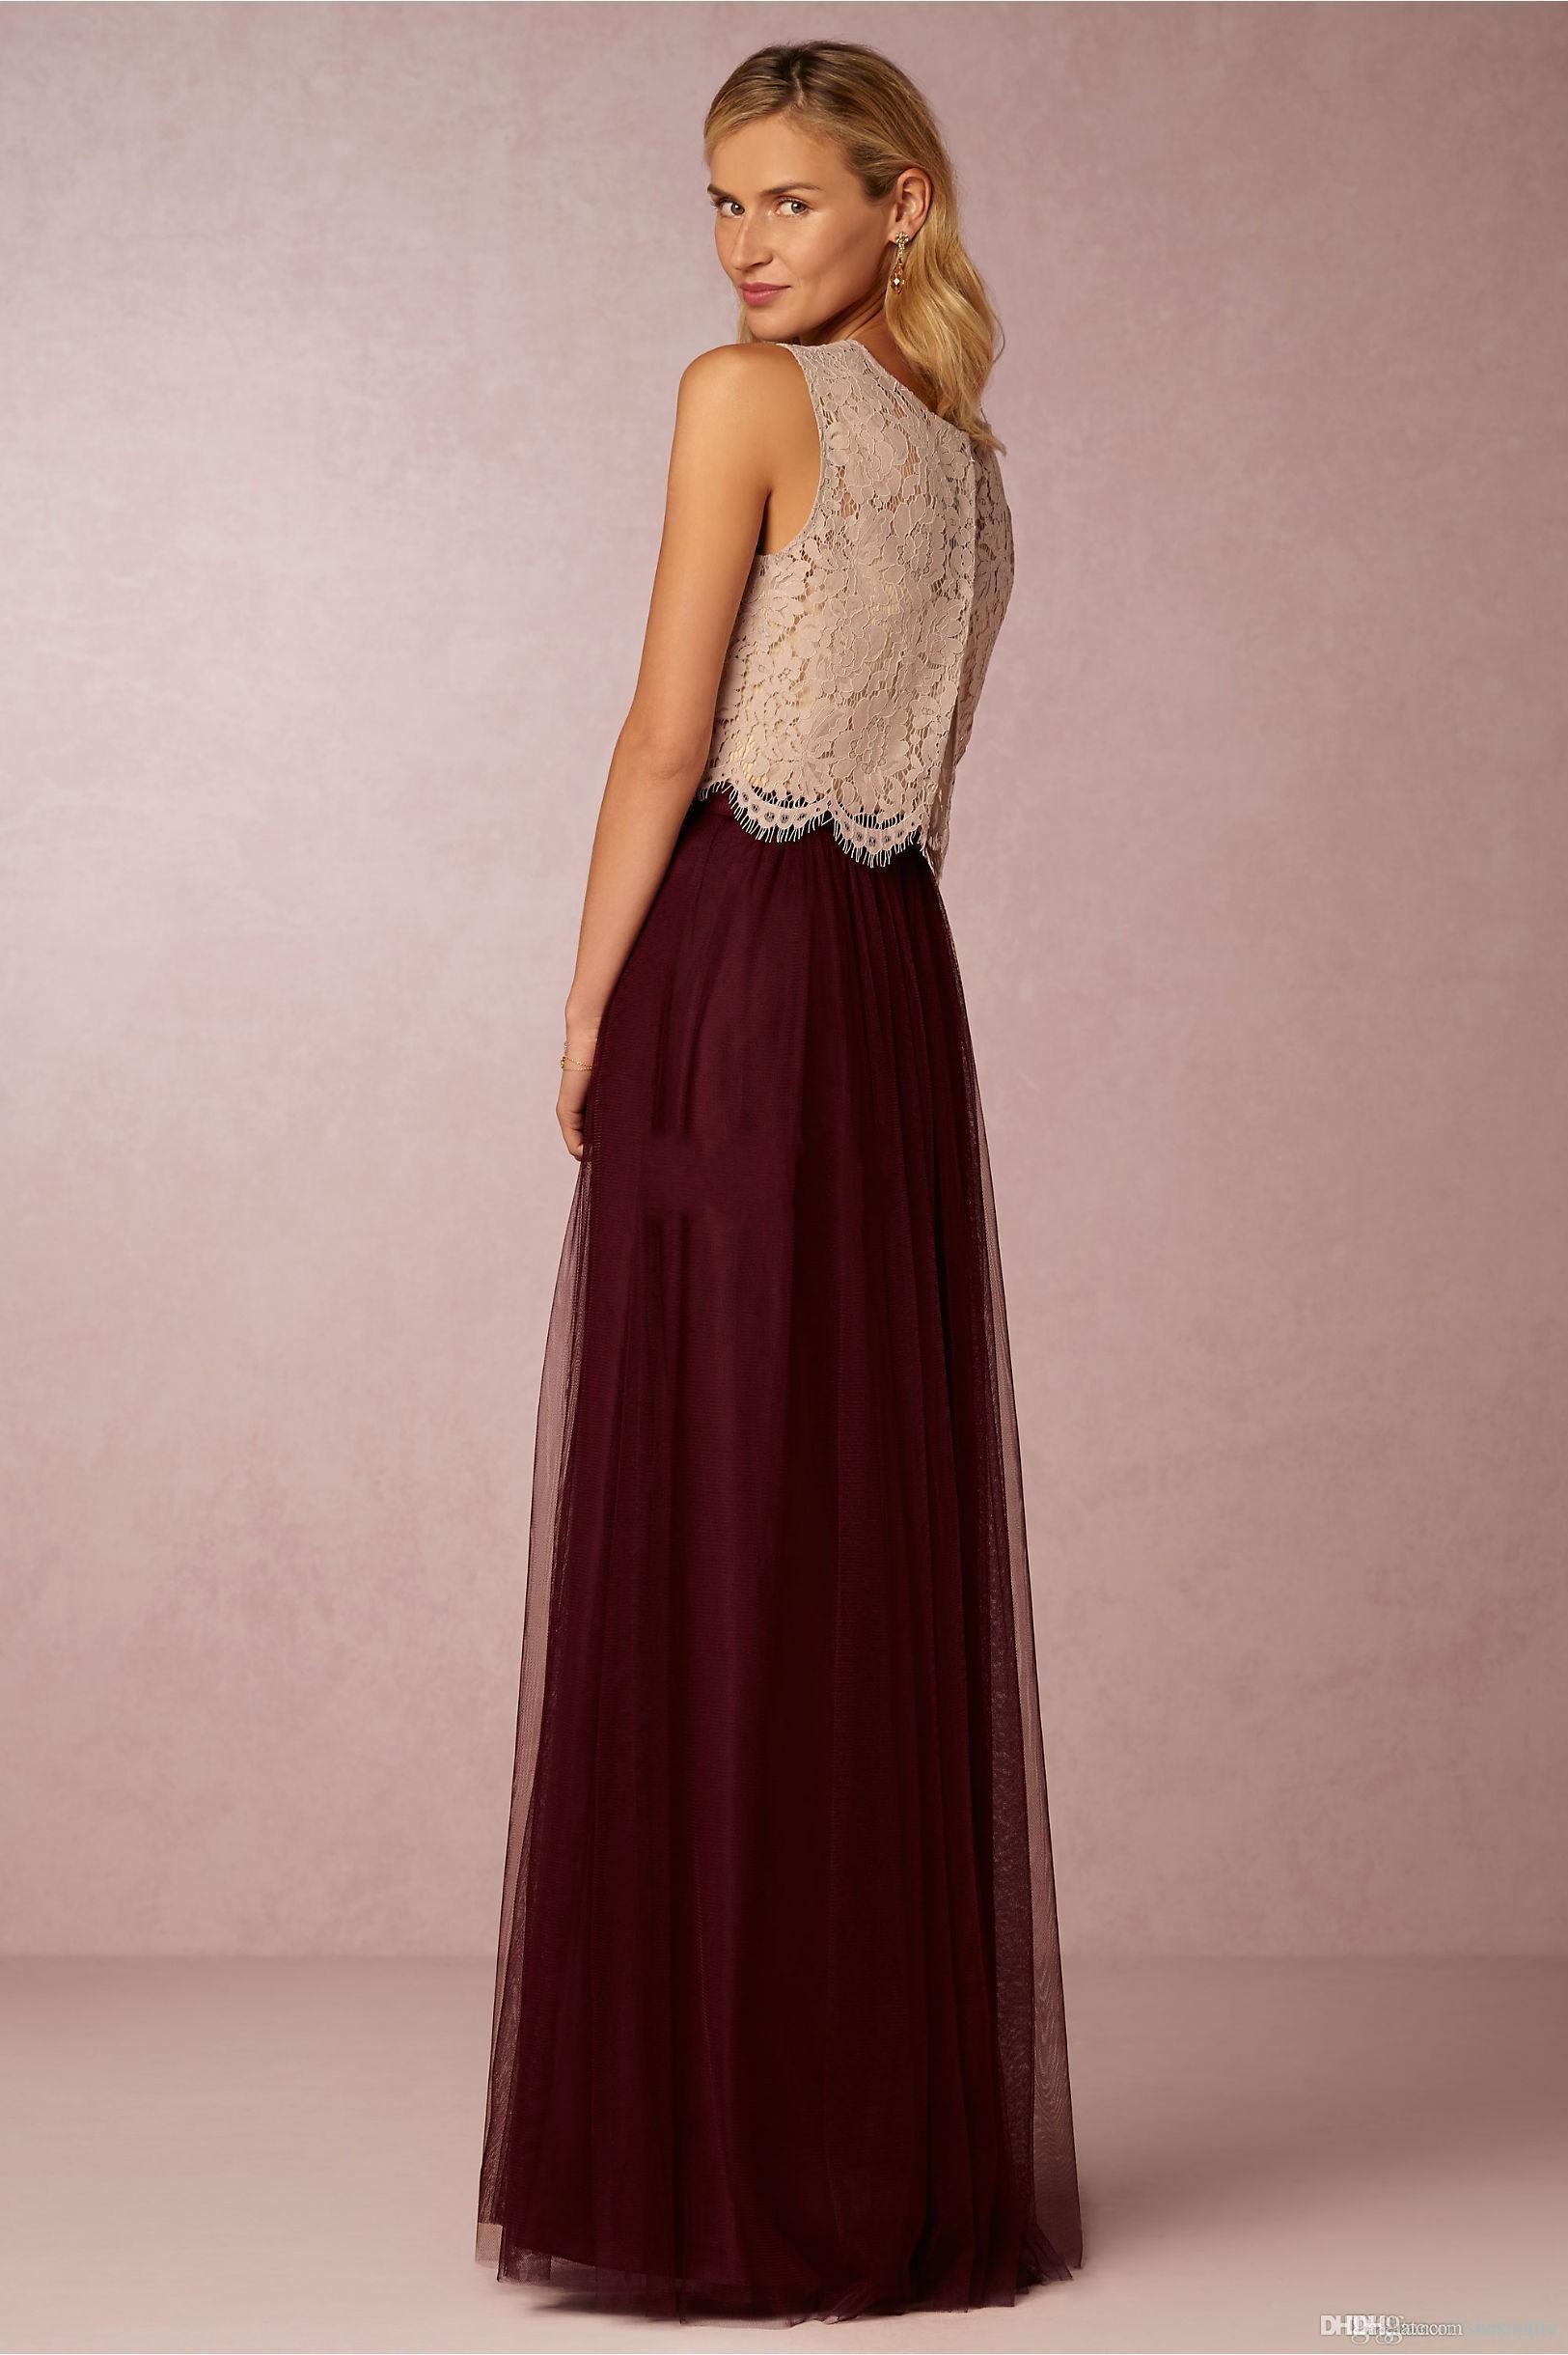 2020 Deux Vintage Crop Top Pieces Robes de mariée Tulle froncé longueur au fard à joues Menthe gris de demoiselle d'honneur Robes en dentelle Robes de soirée de mariage